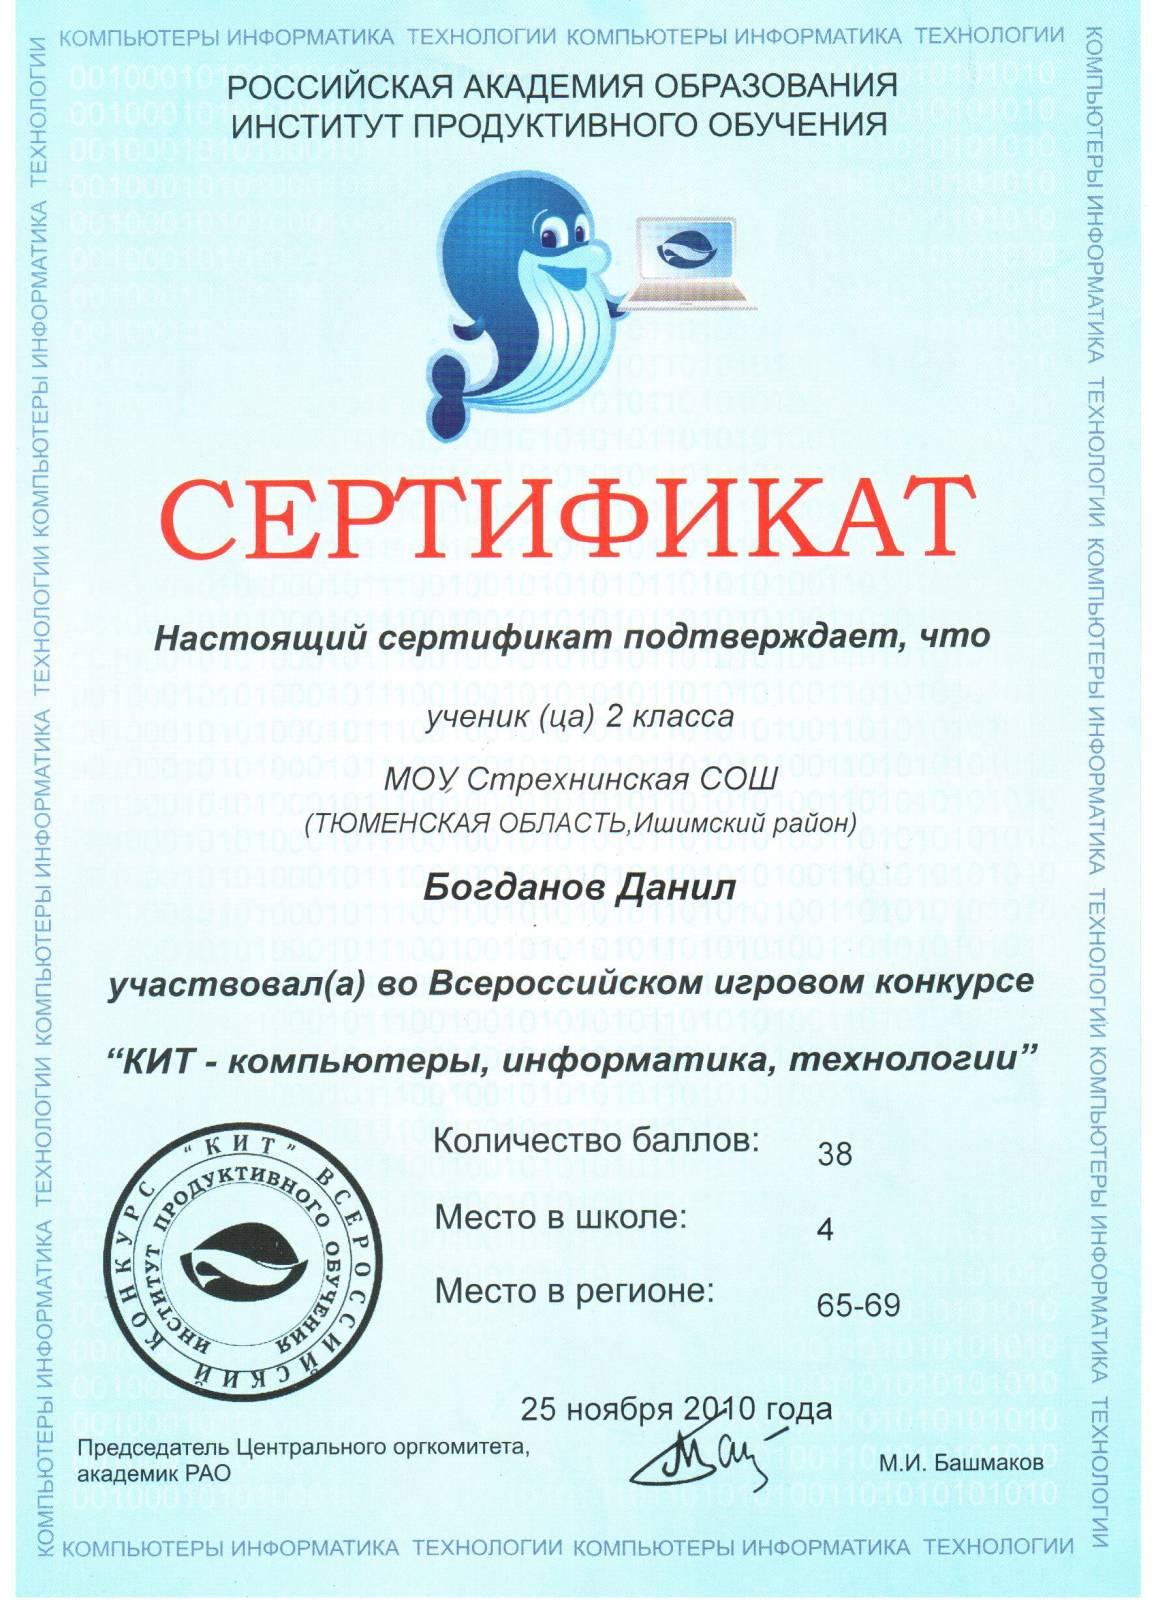 Всероссийского конкурса за компьютером